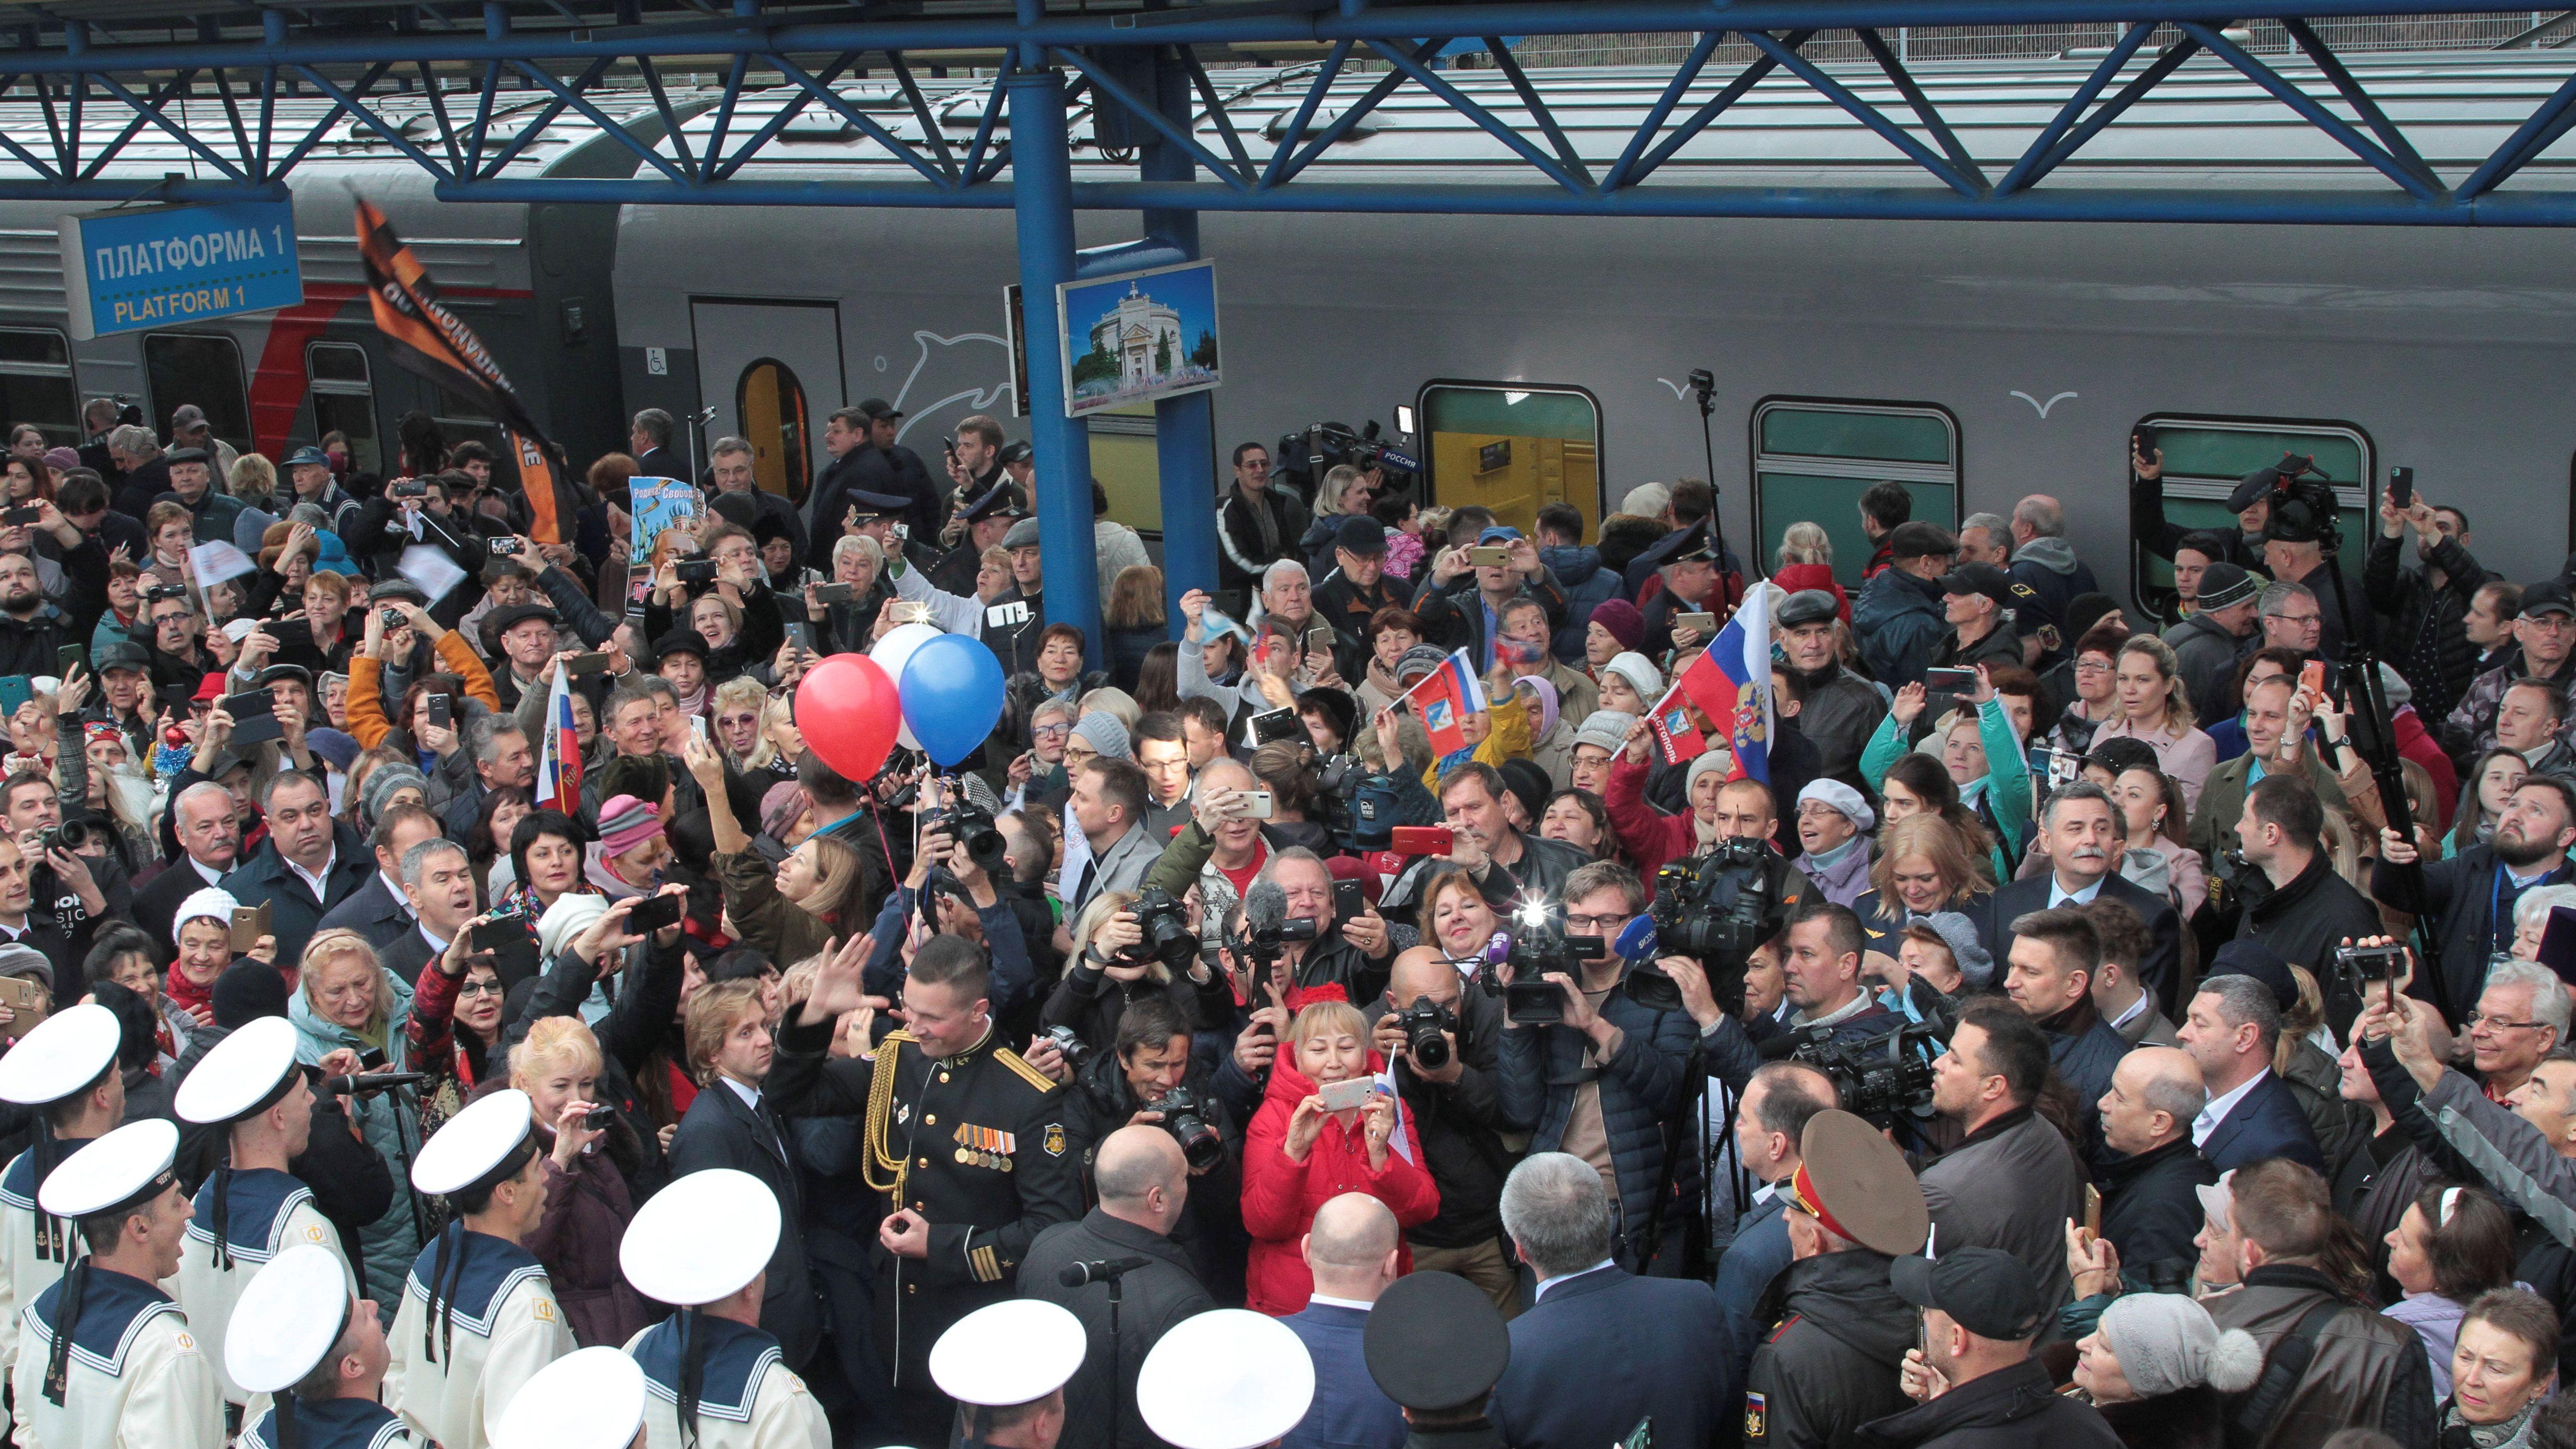 Begrüßungszeremonie nach der ersten regulären Fahrt eines Zuges von St. Petersburg über die umstrittene Krim-Brücke.